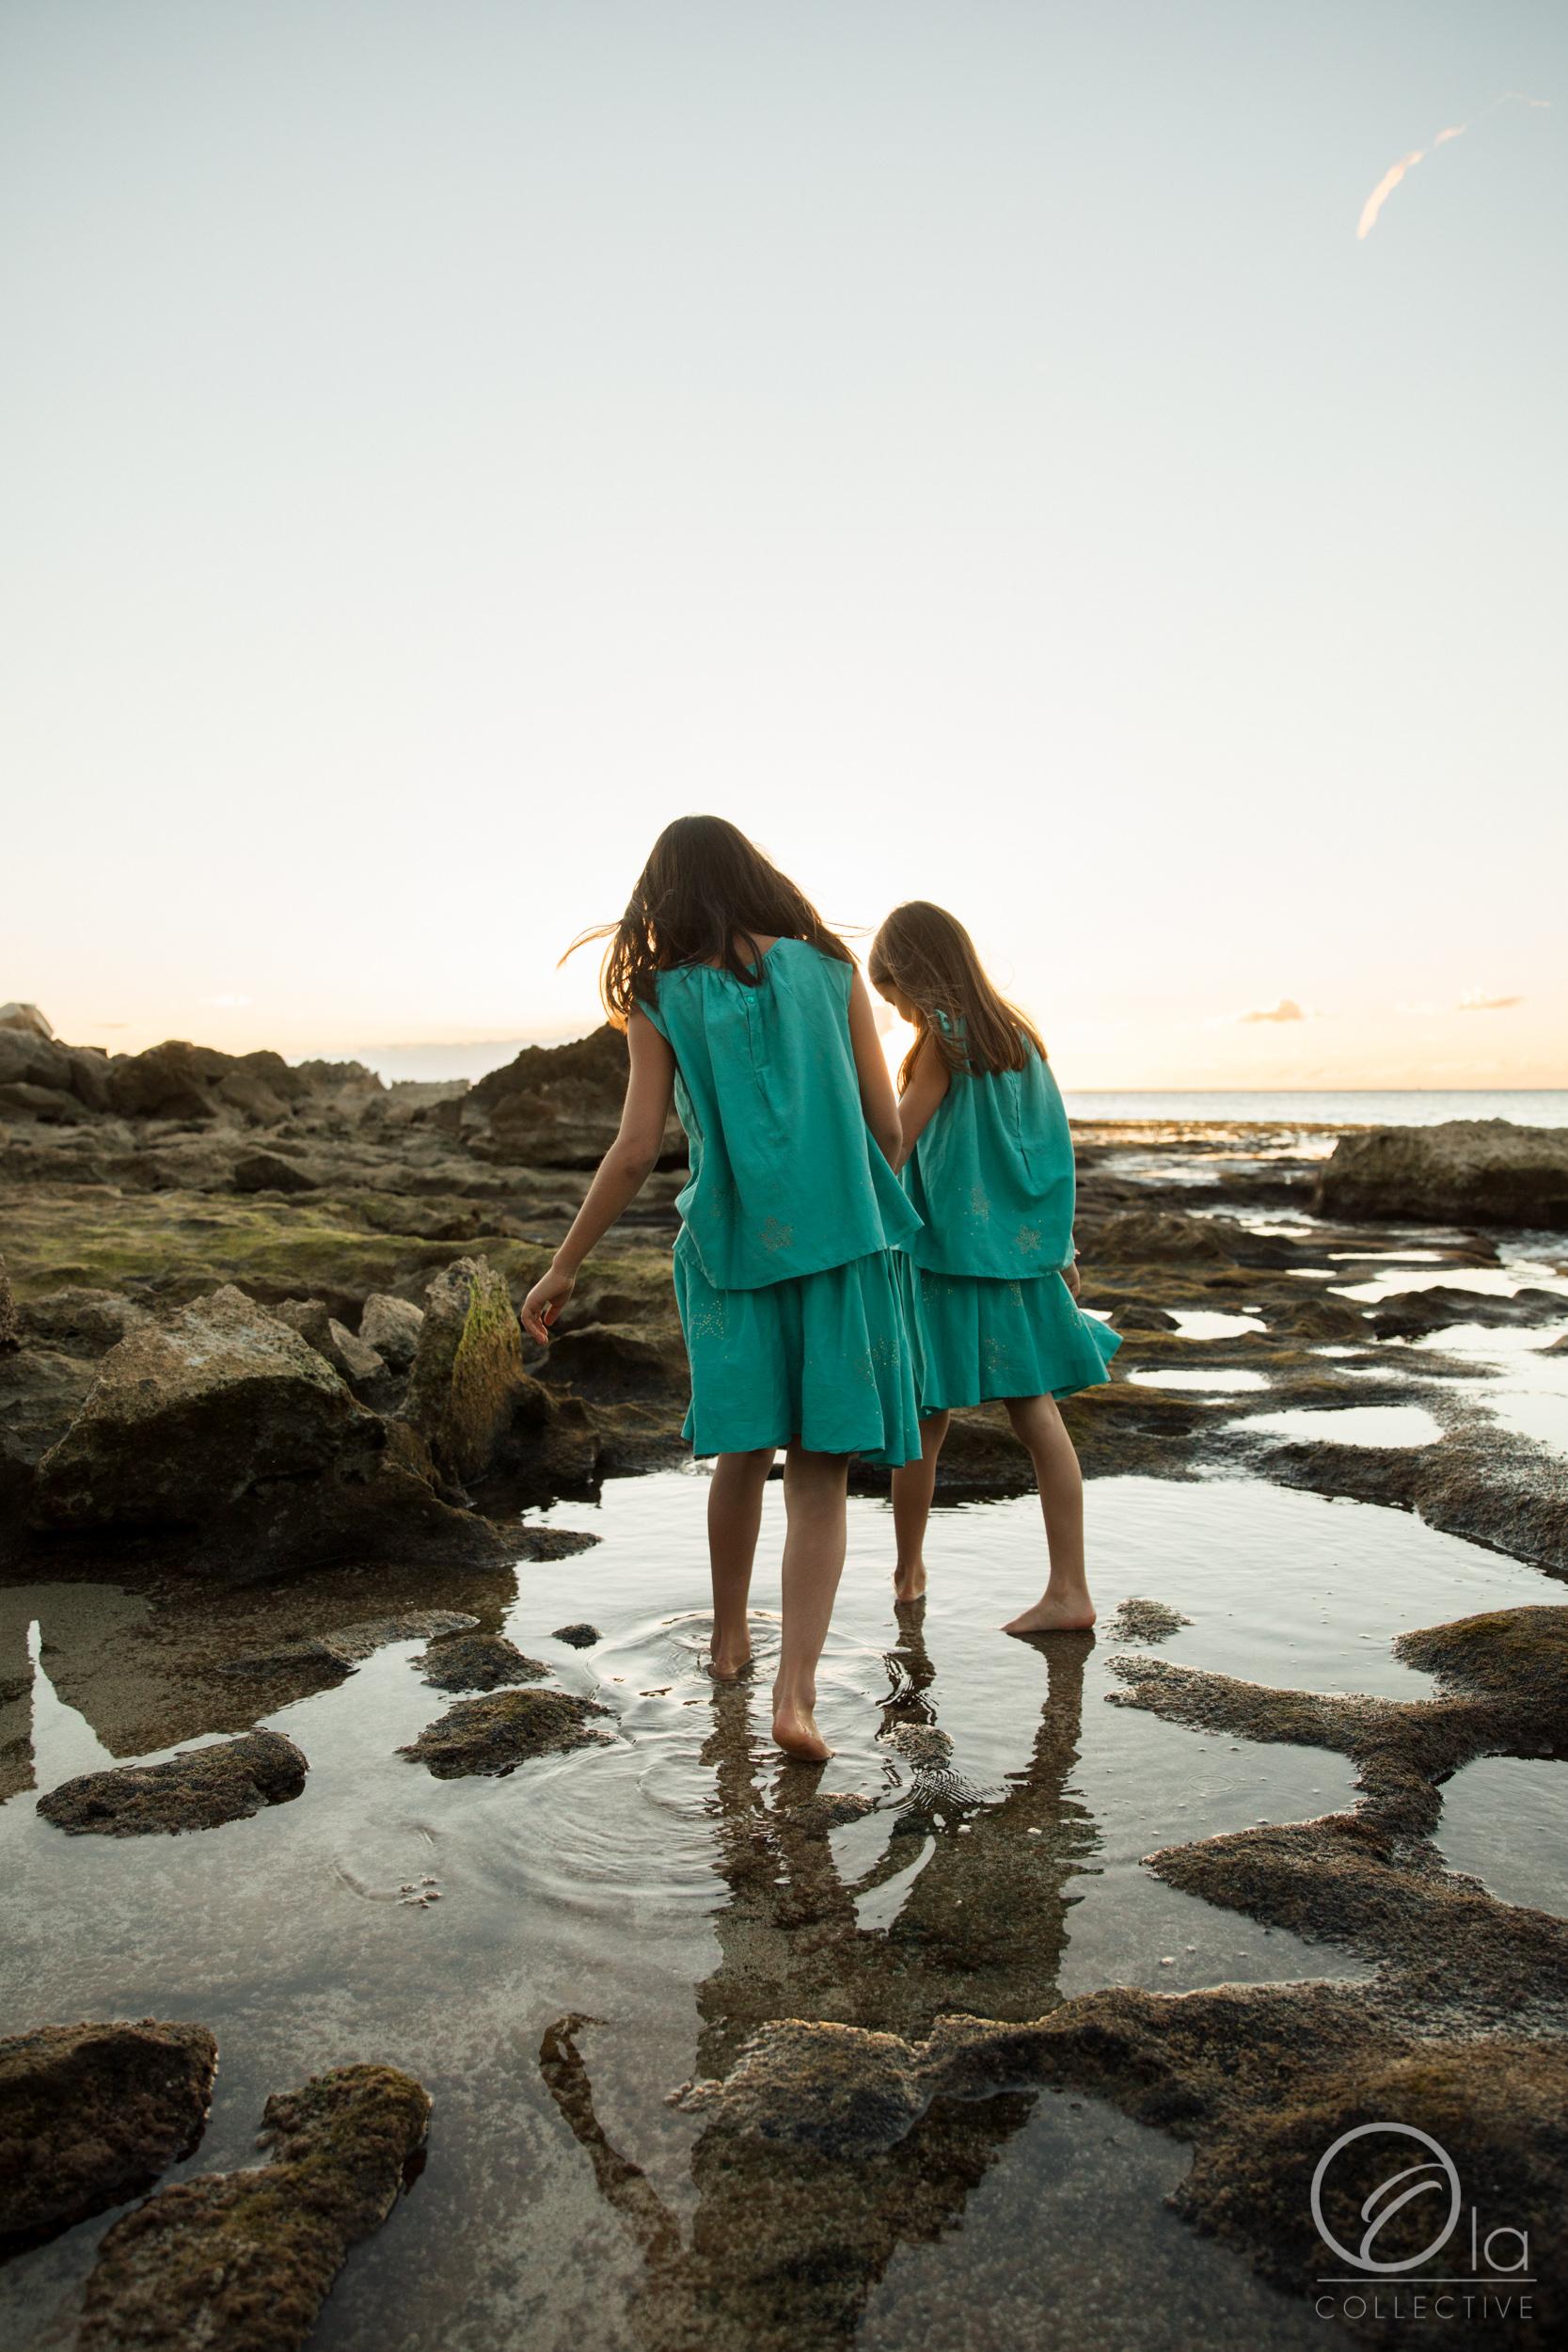 Four-Seasons-Family-Photographer-Ola-Collective-23.jpg